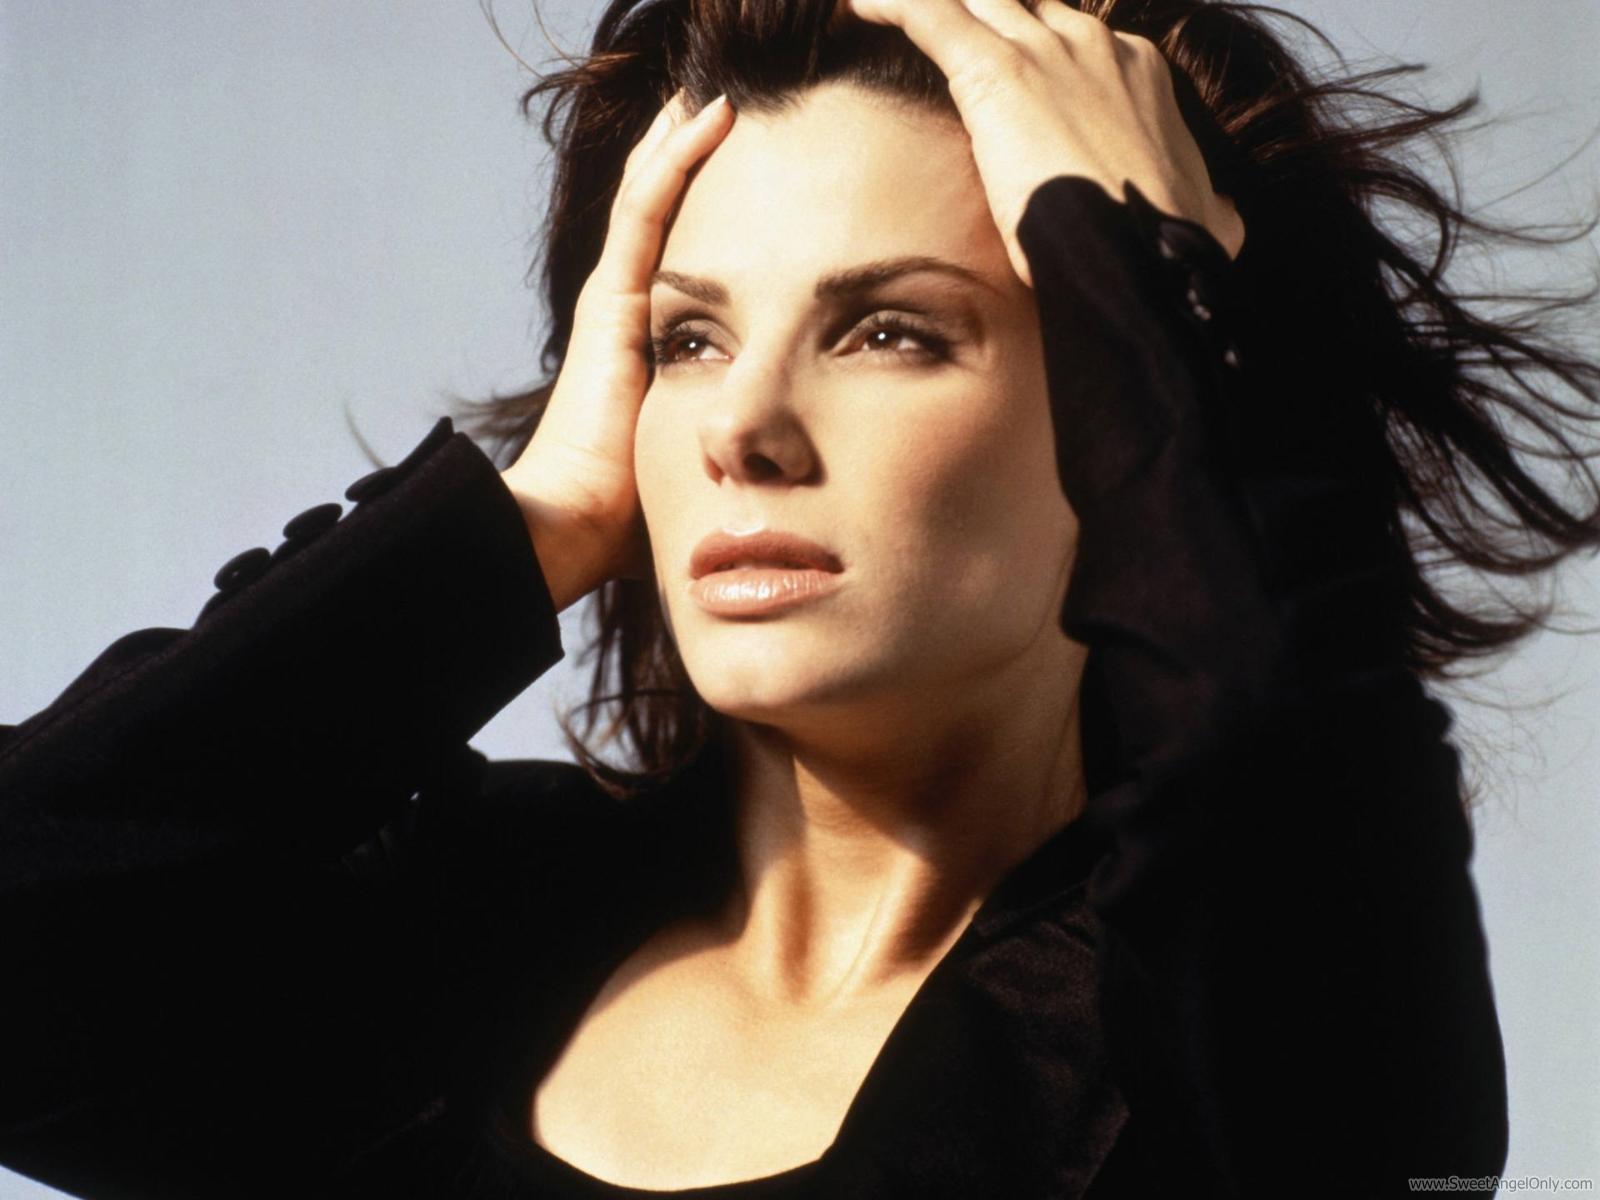 http://2.bp.blogspot.com/-RtTN3m0qG04/Tq6S-76SAXI/AAAAAAAAJkw/cxshM_pEu3k/s1600/sandra_bullock_actress_wallpaper_01-1600x1200.jpg